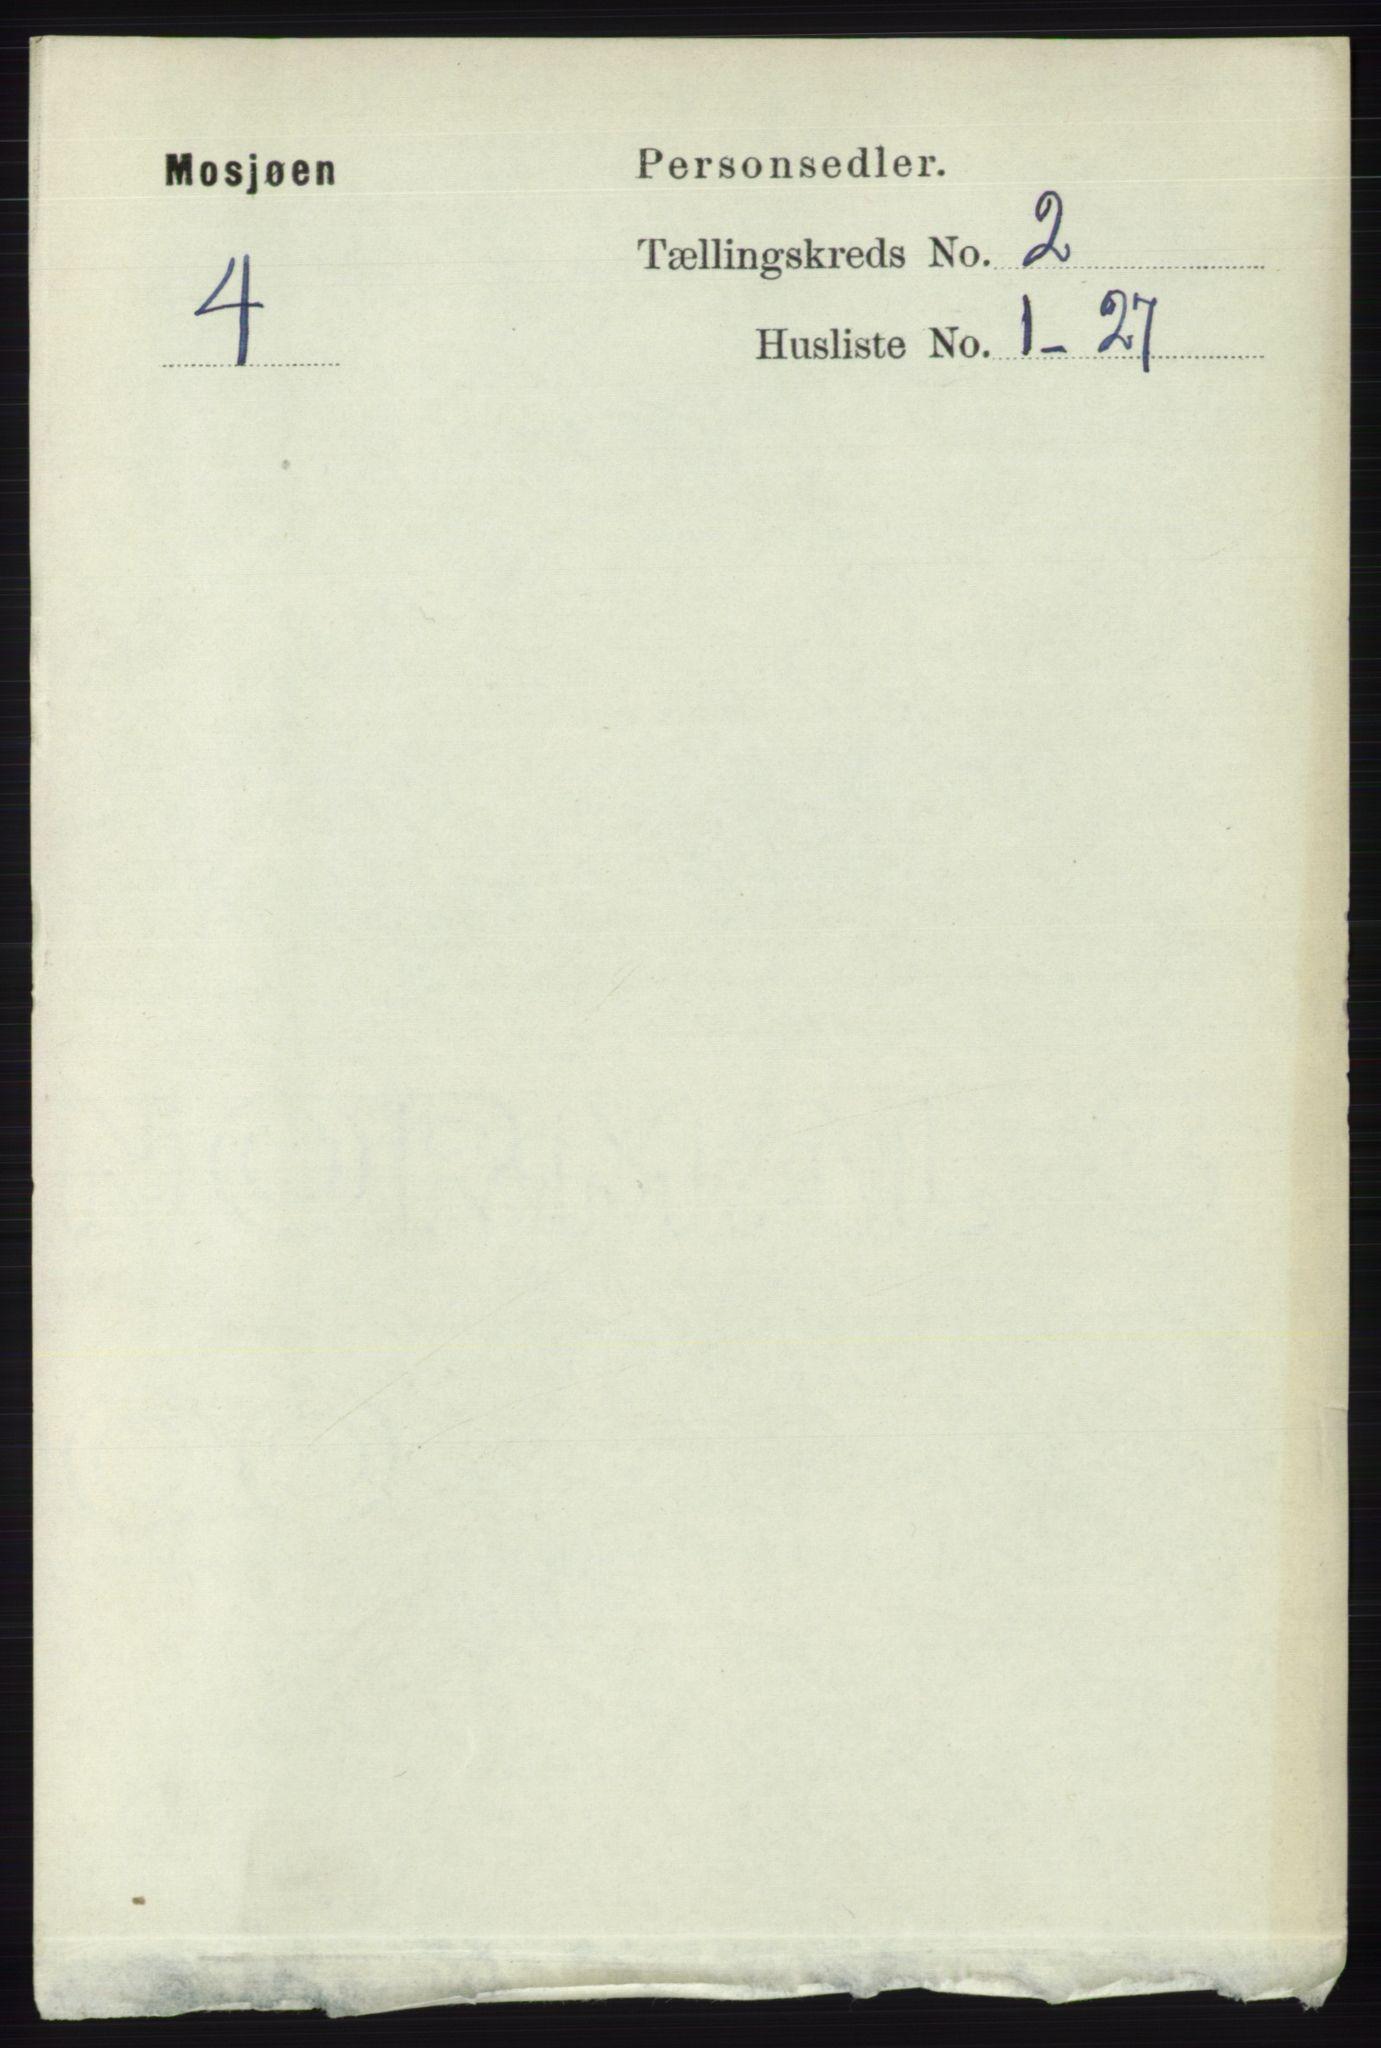 RA, Folketelling 1891 for 1802 Mosjøen ladested, 1891, s. 749